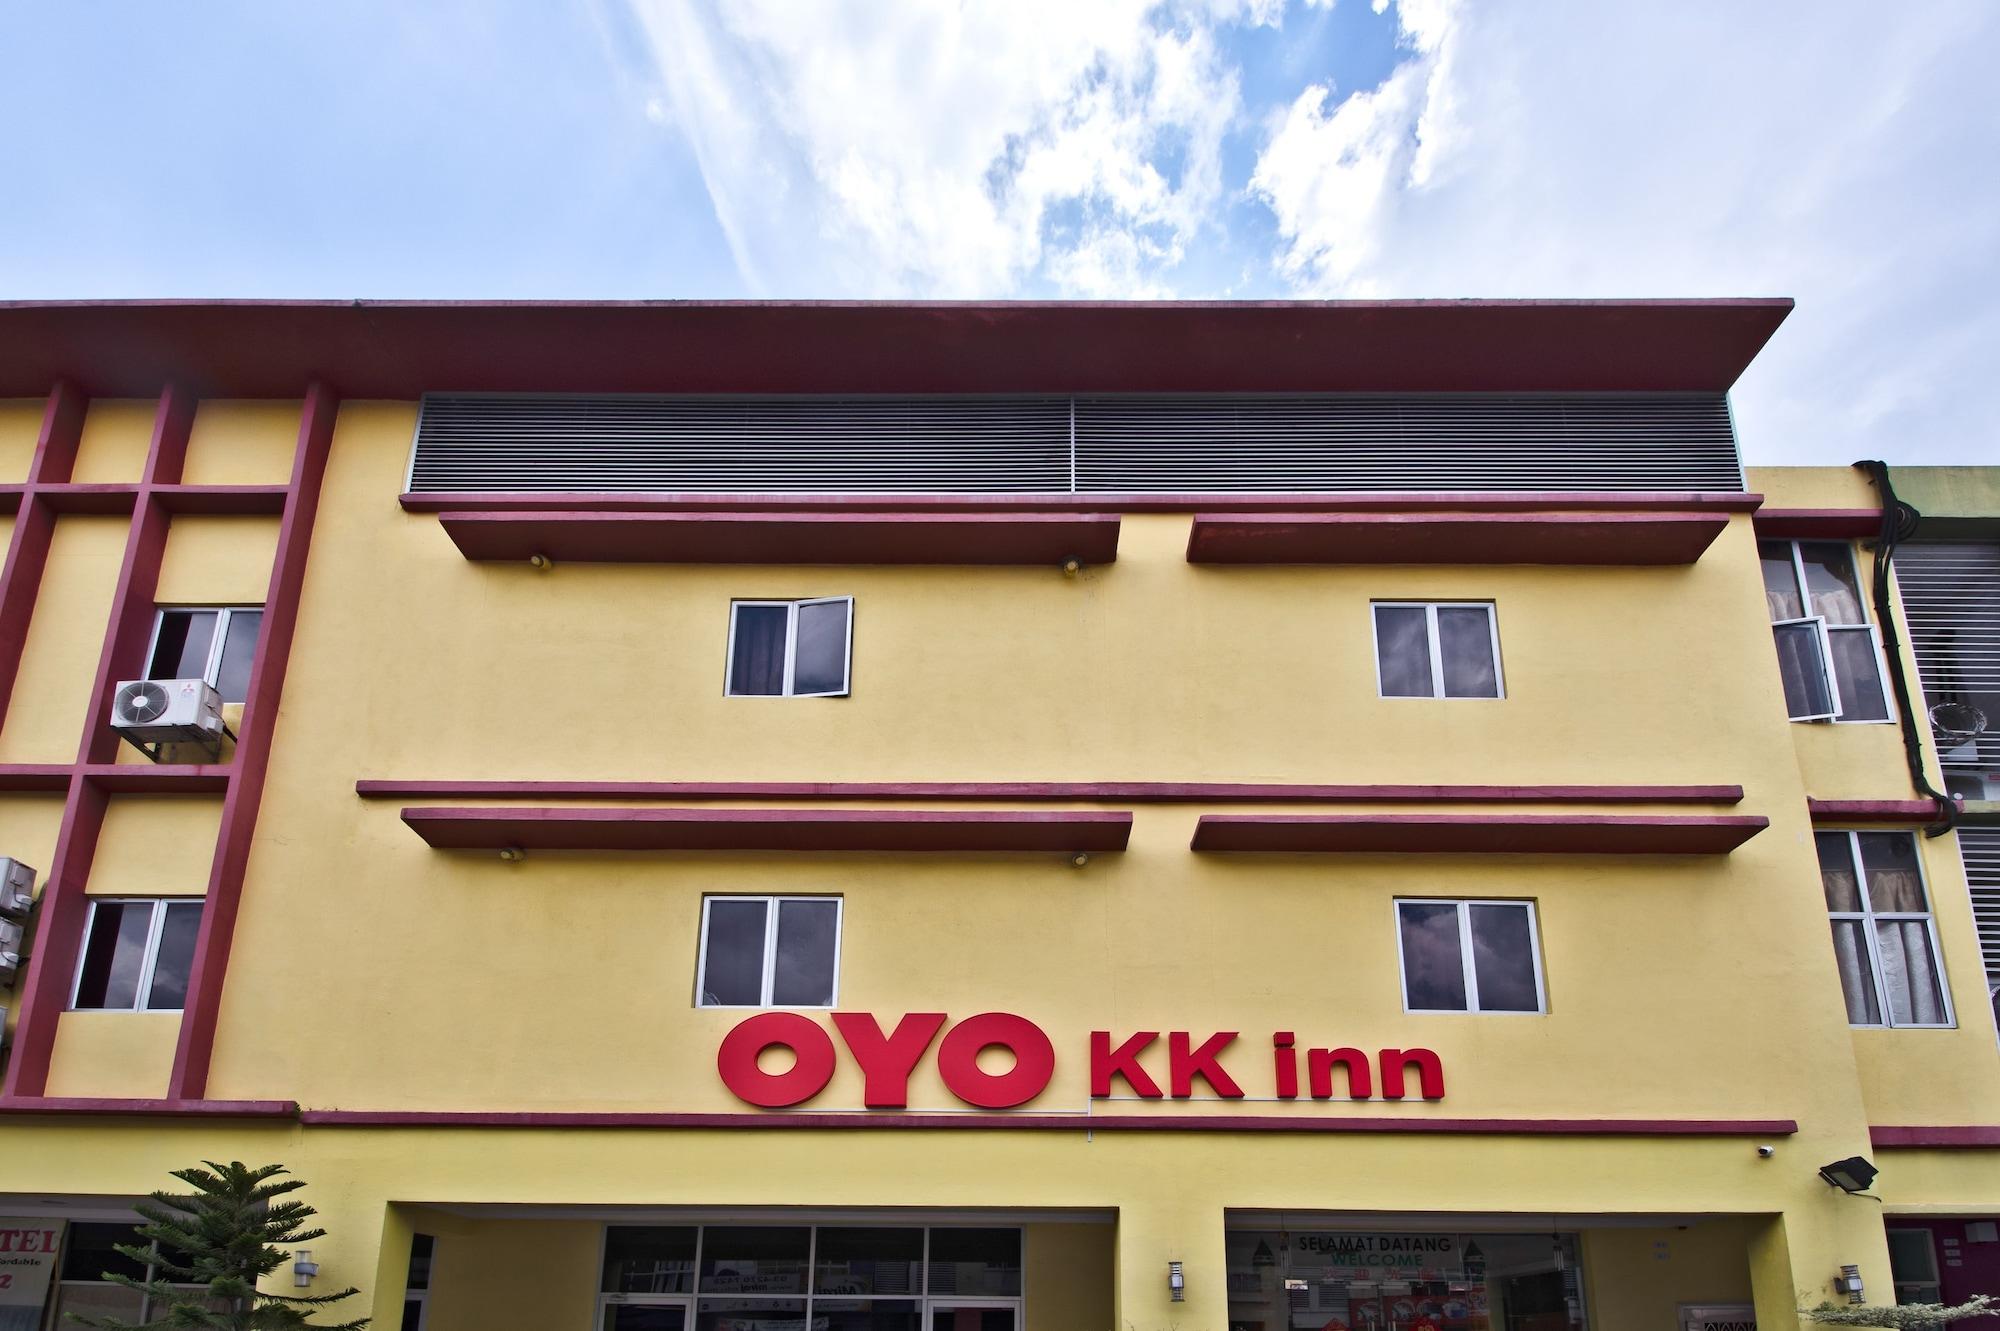 OYO 424 KK Inn Hotel, Hulu Langat